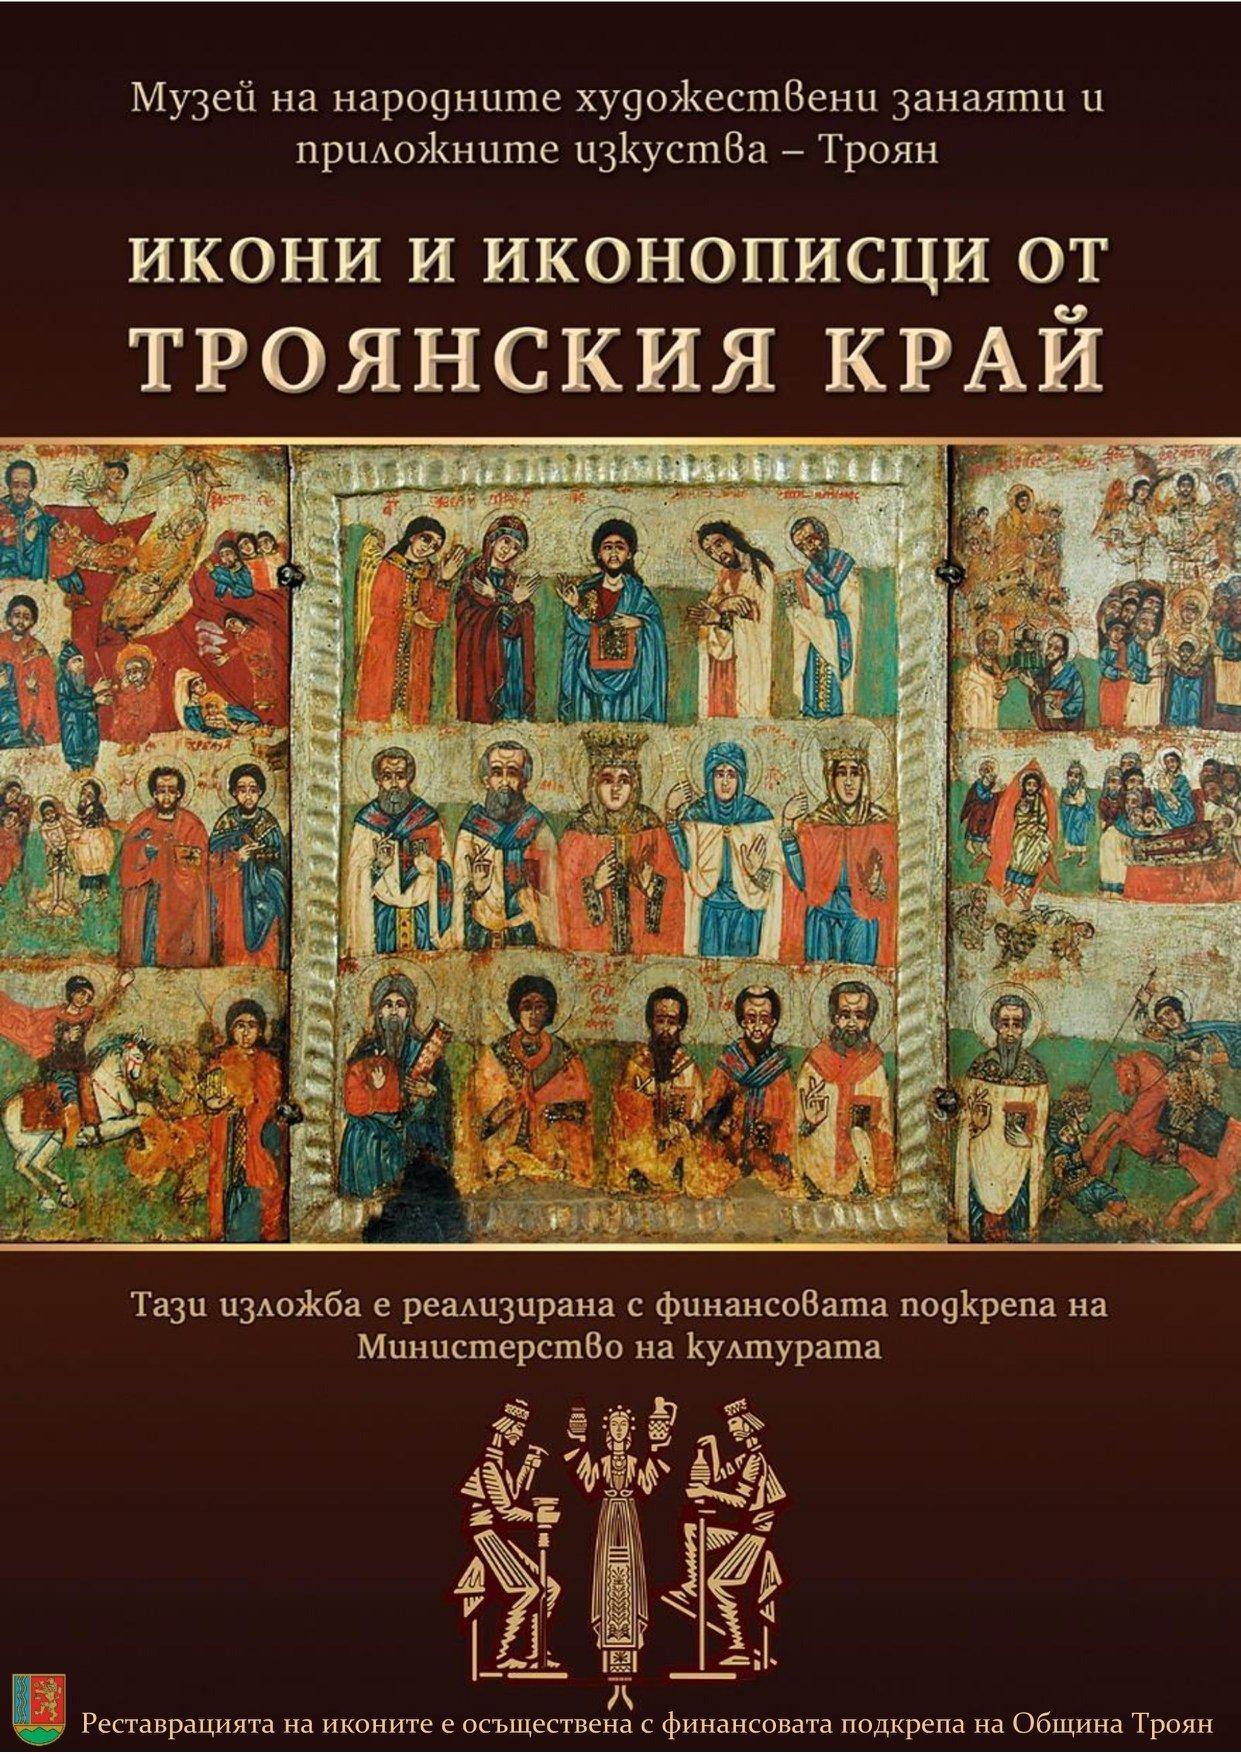 izlozhba-ikoni-i-ikonopisci-ot-troyanskiya-kray